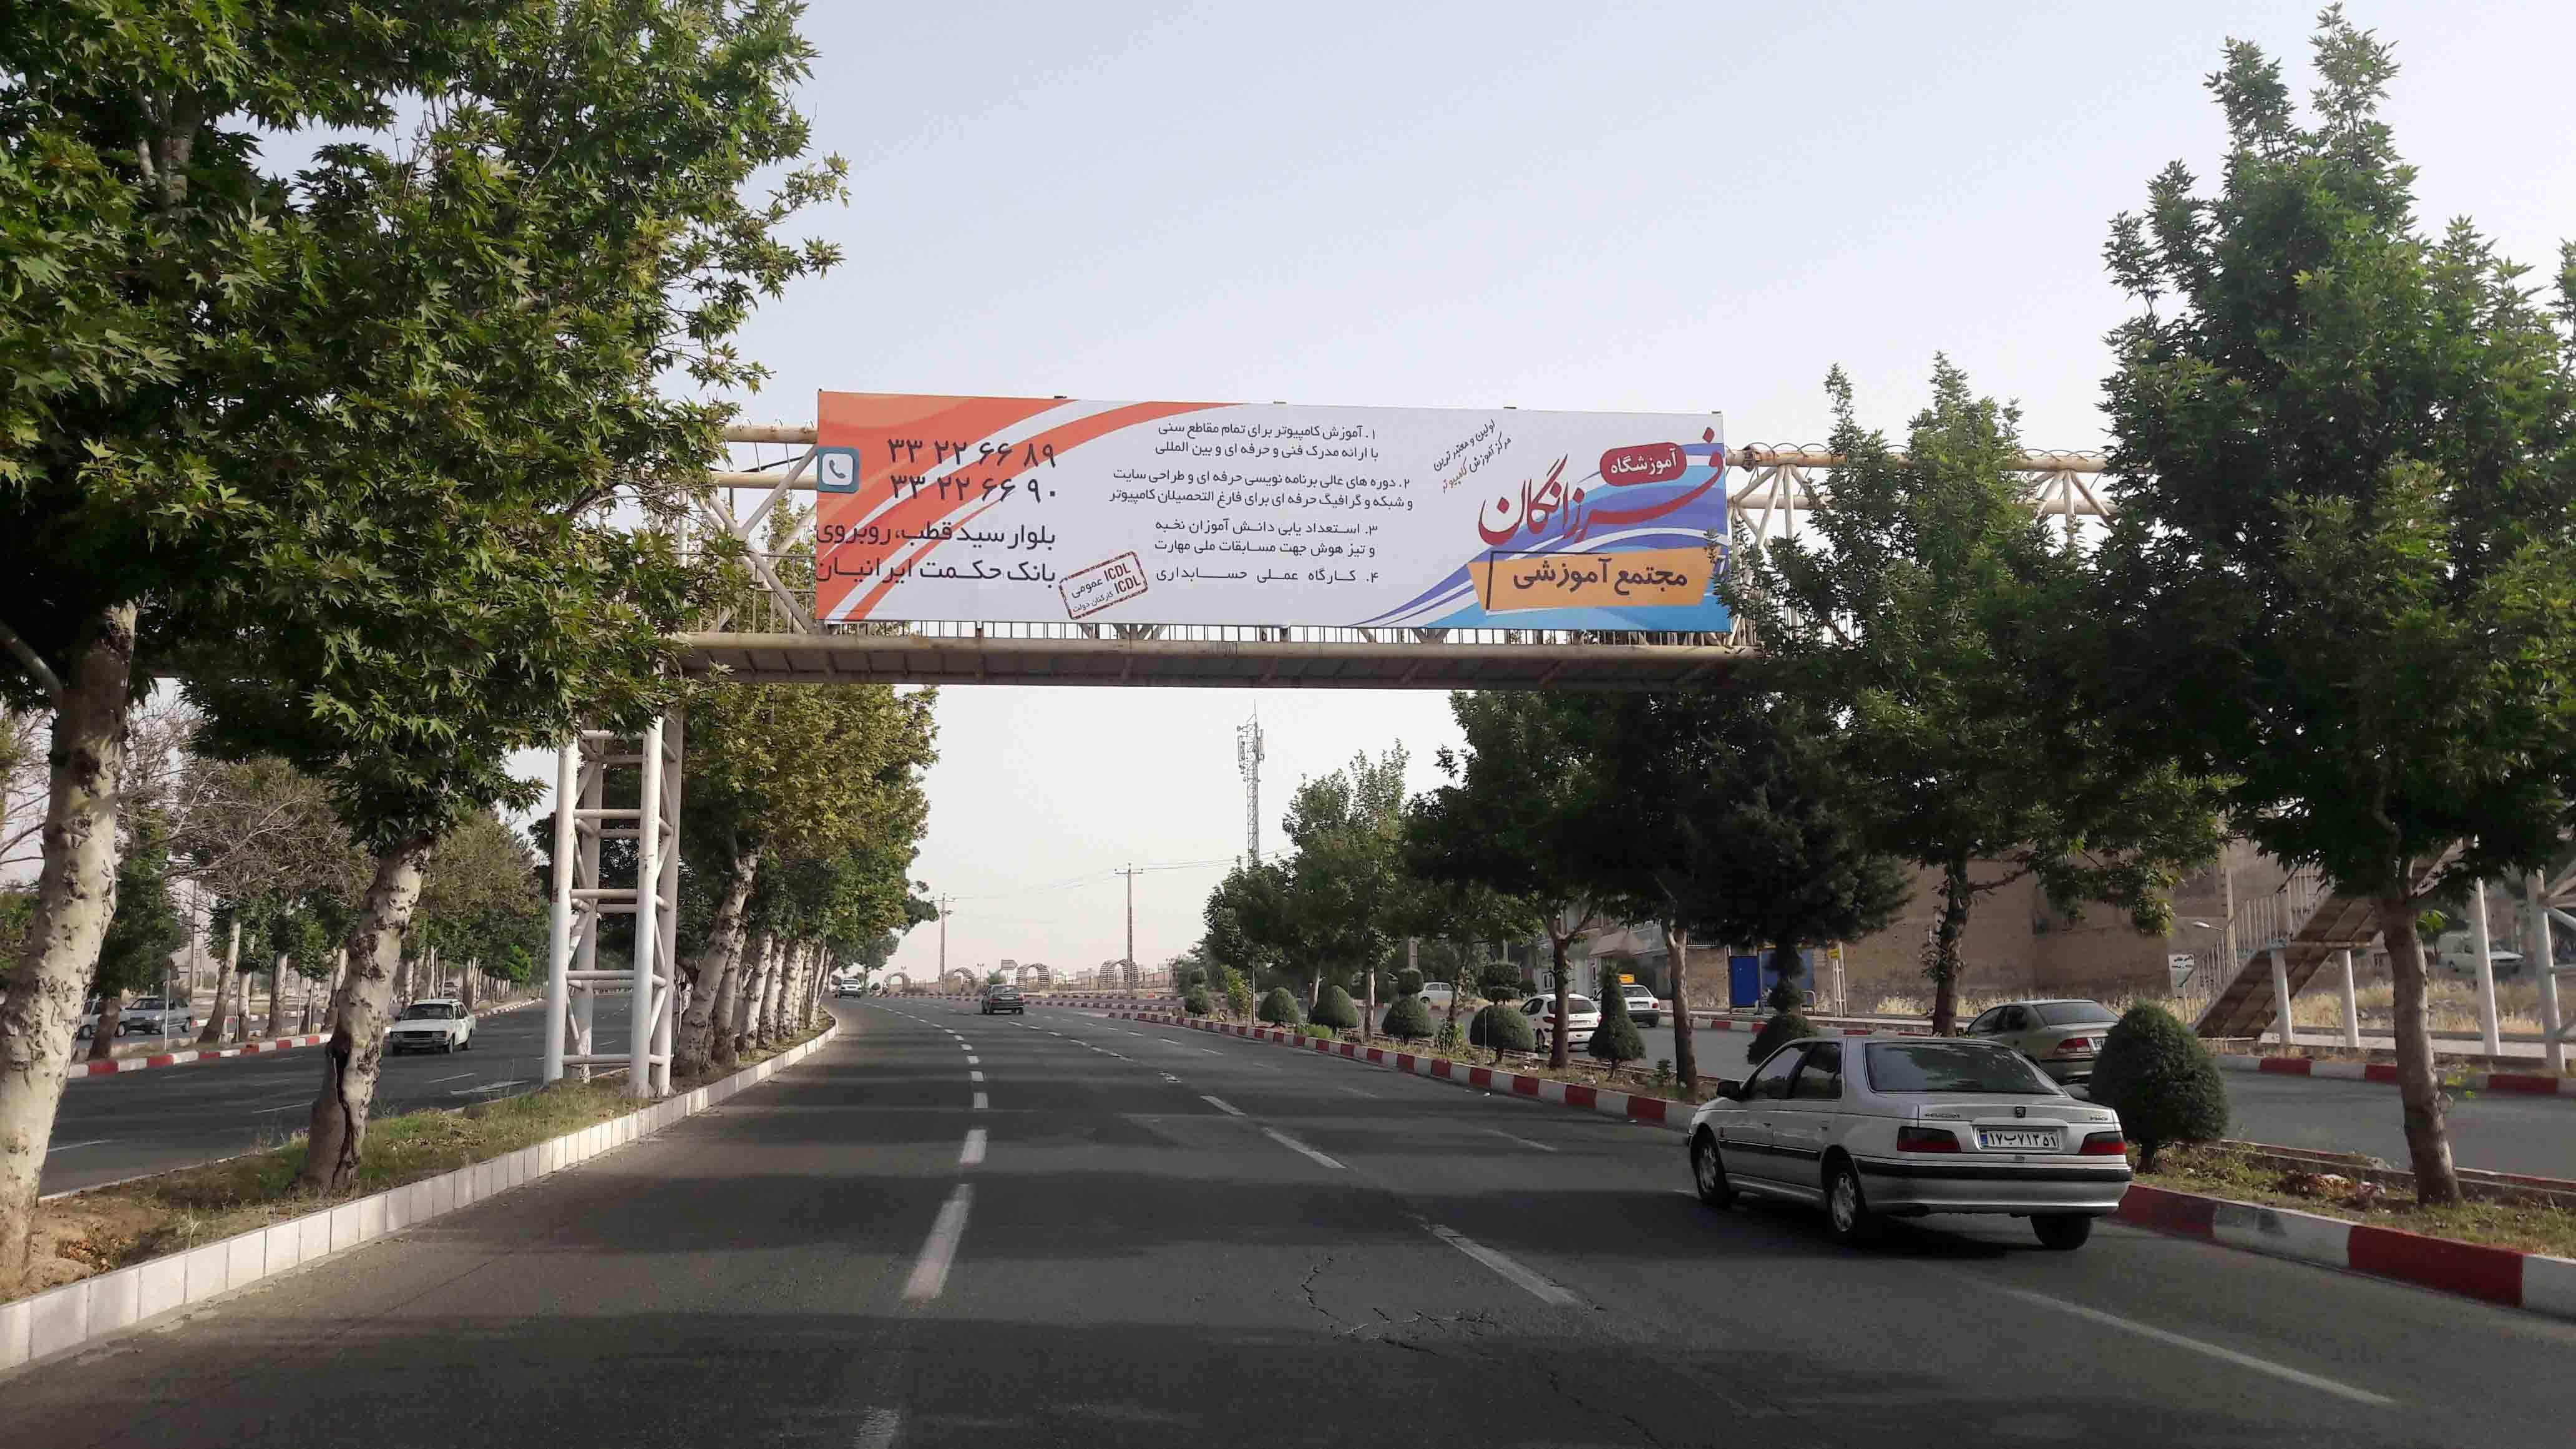 بیلبورد تبلیغاتی پل عابر پیاده بلوار پاسداران سنندج جنب شهرک پیام دید از میدان گریزه